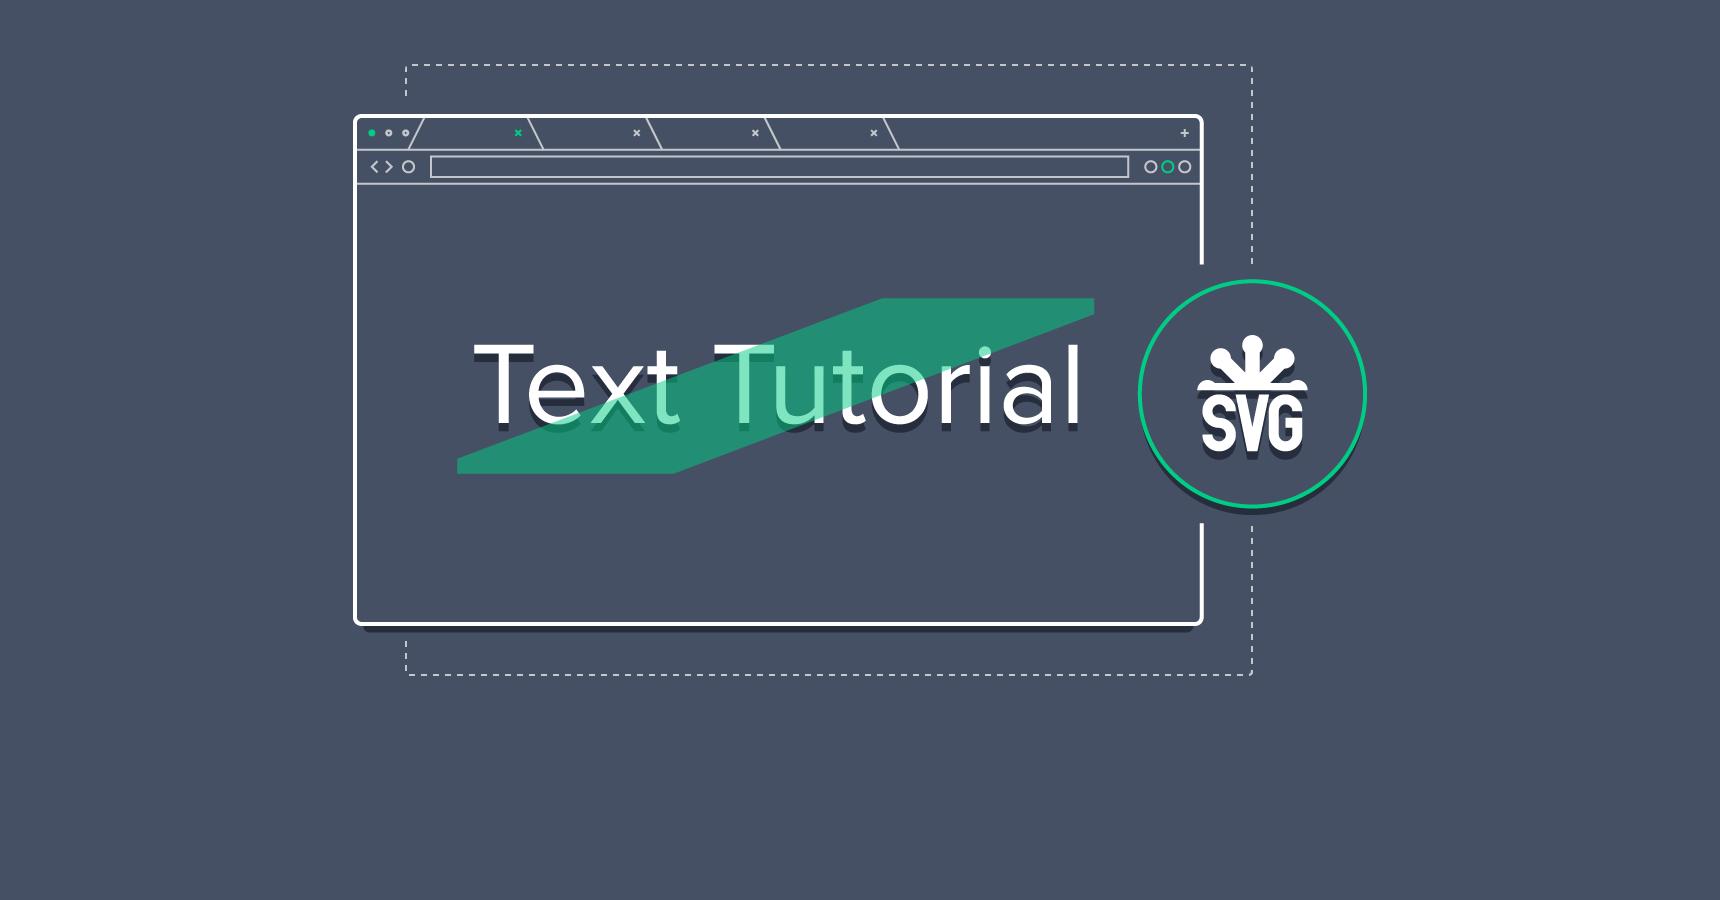 SVG Text Tutorial - text annotation